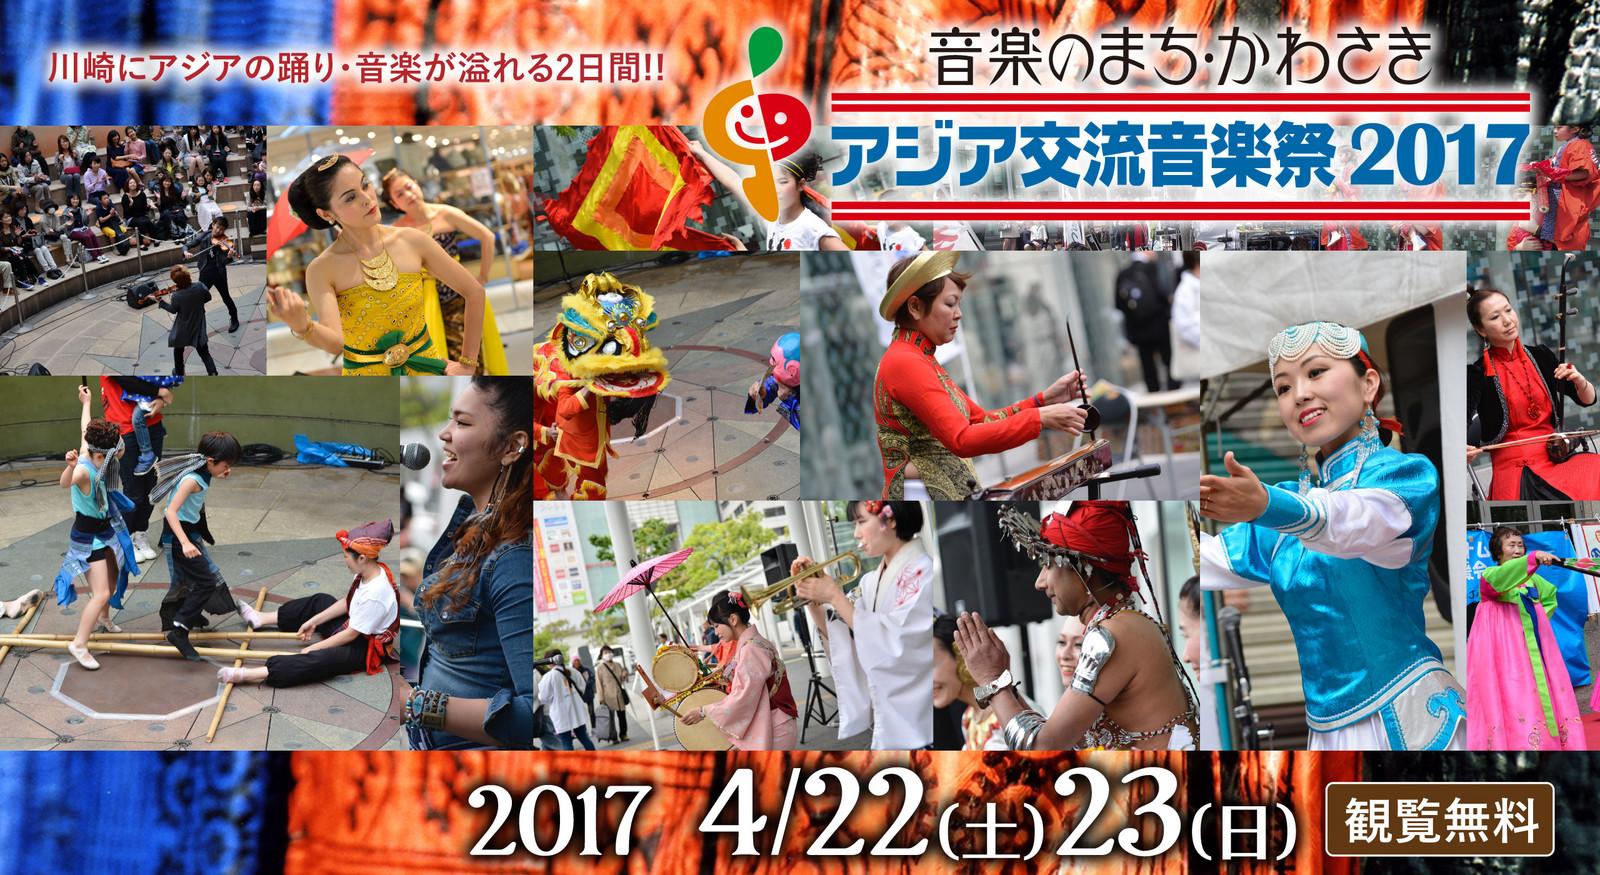 Asia2017main_1_2